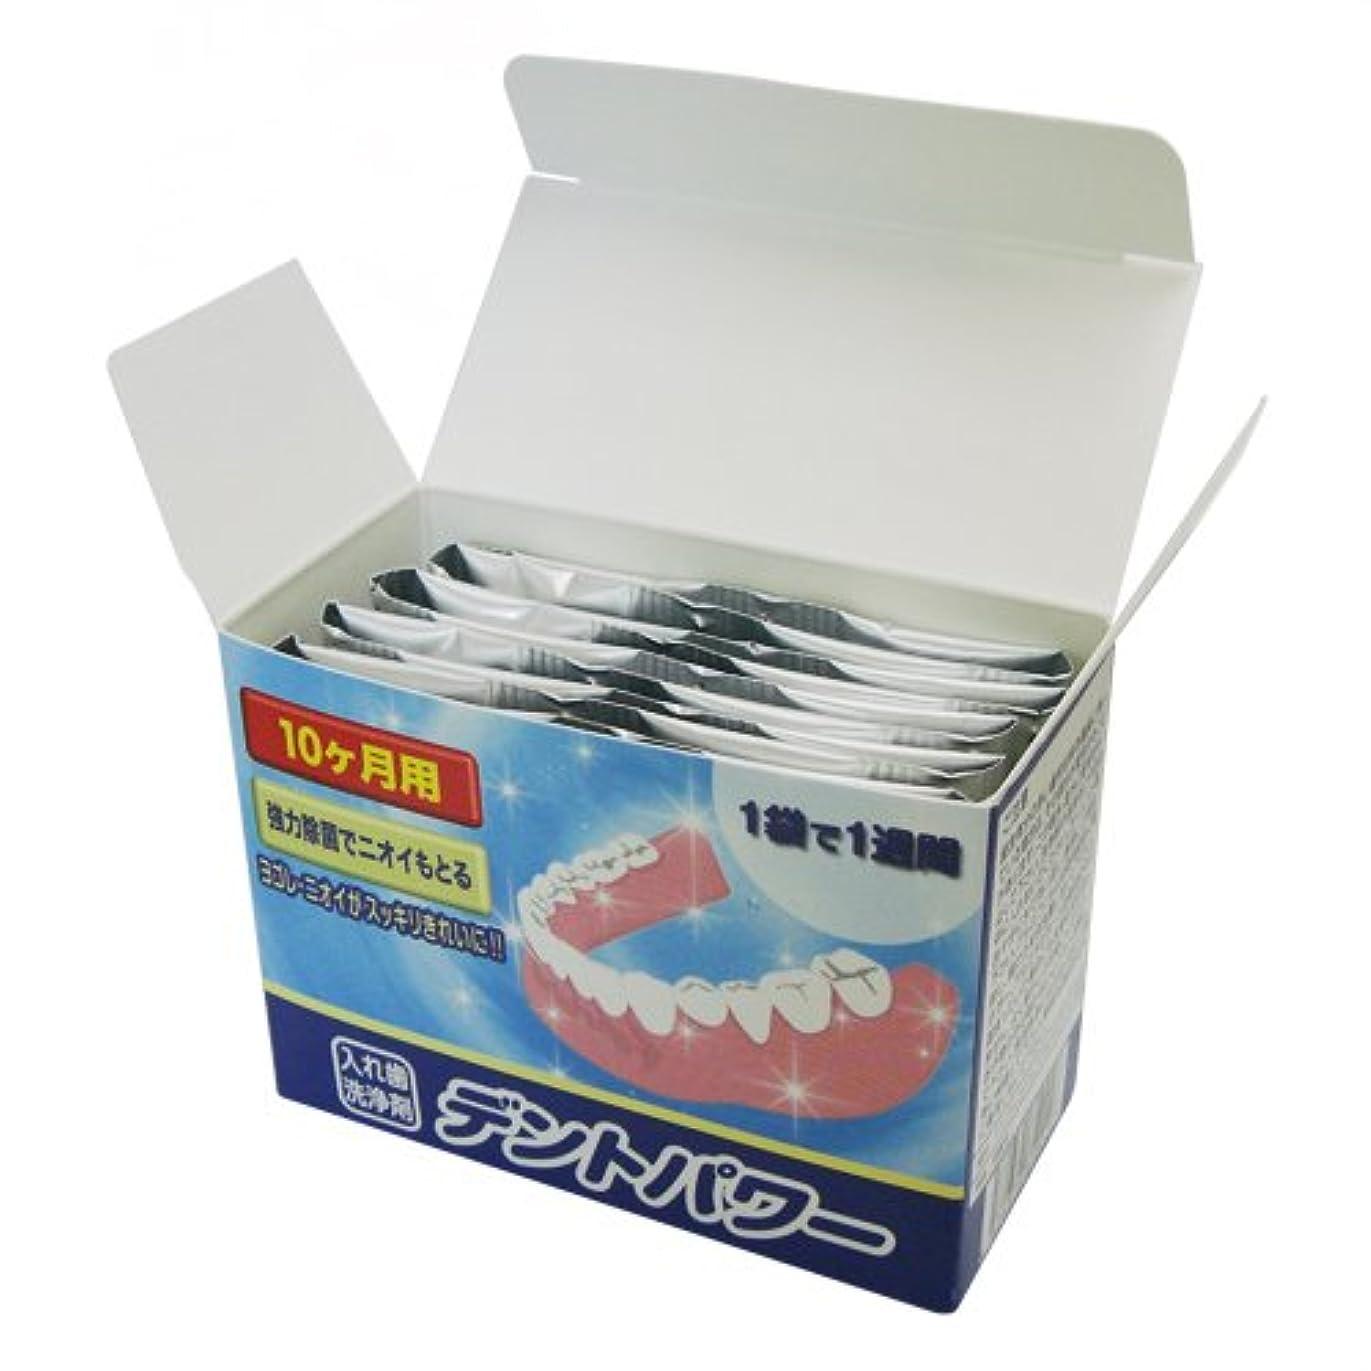 委任カビ剃るデントパワー 入れ歯洗浄剤 10ヵ月用(専用ケース無し)